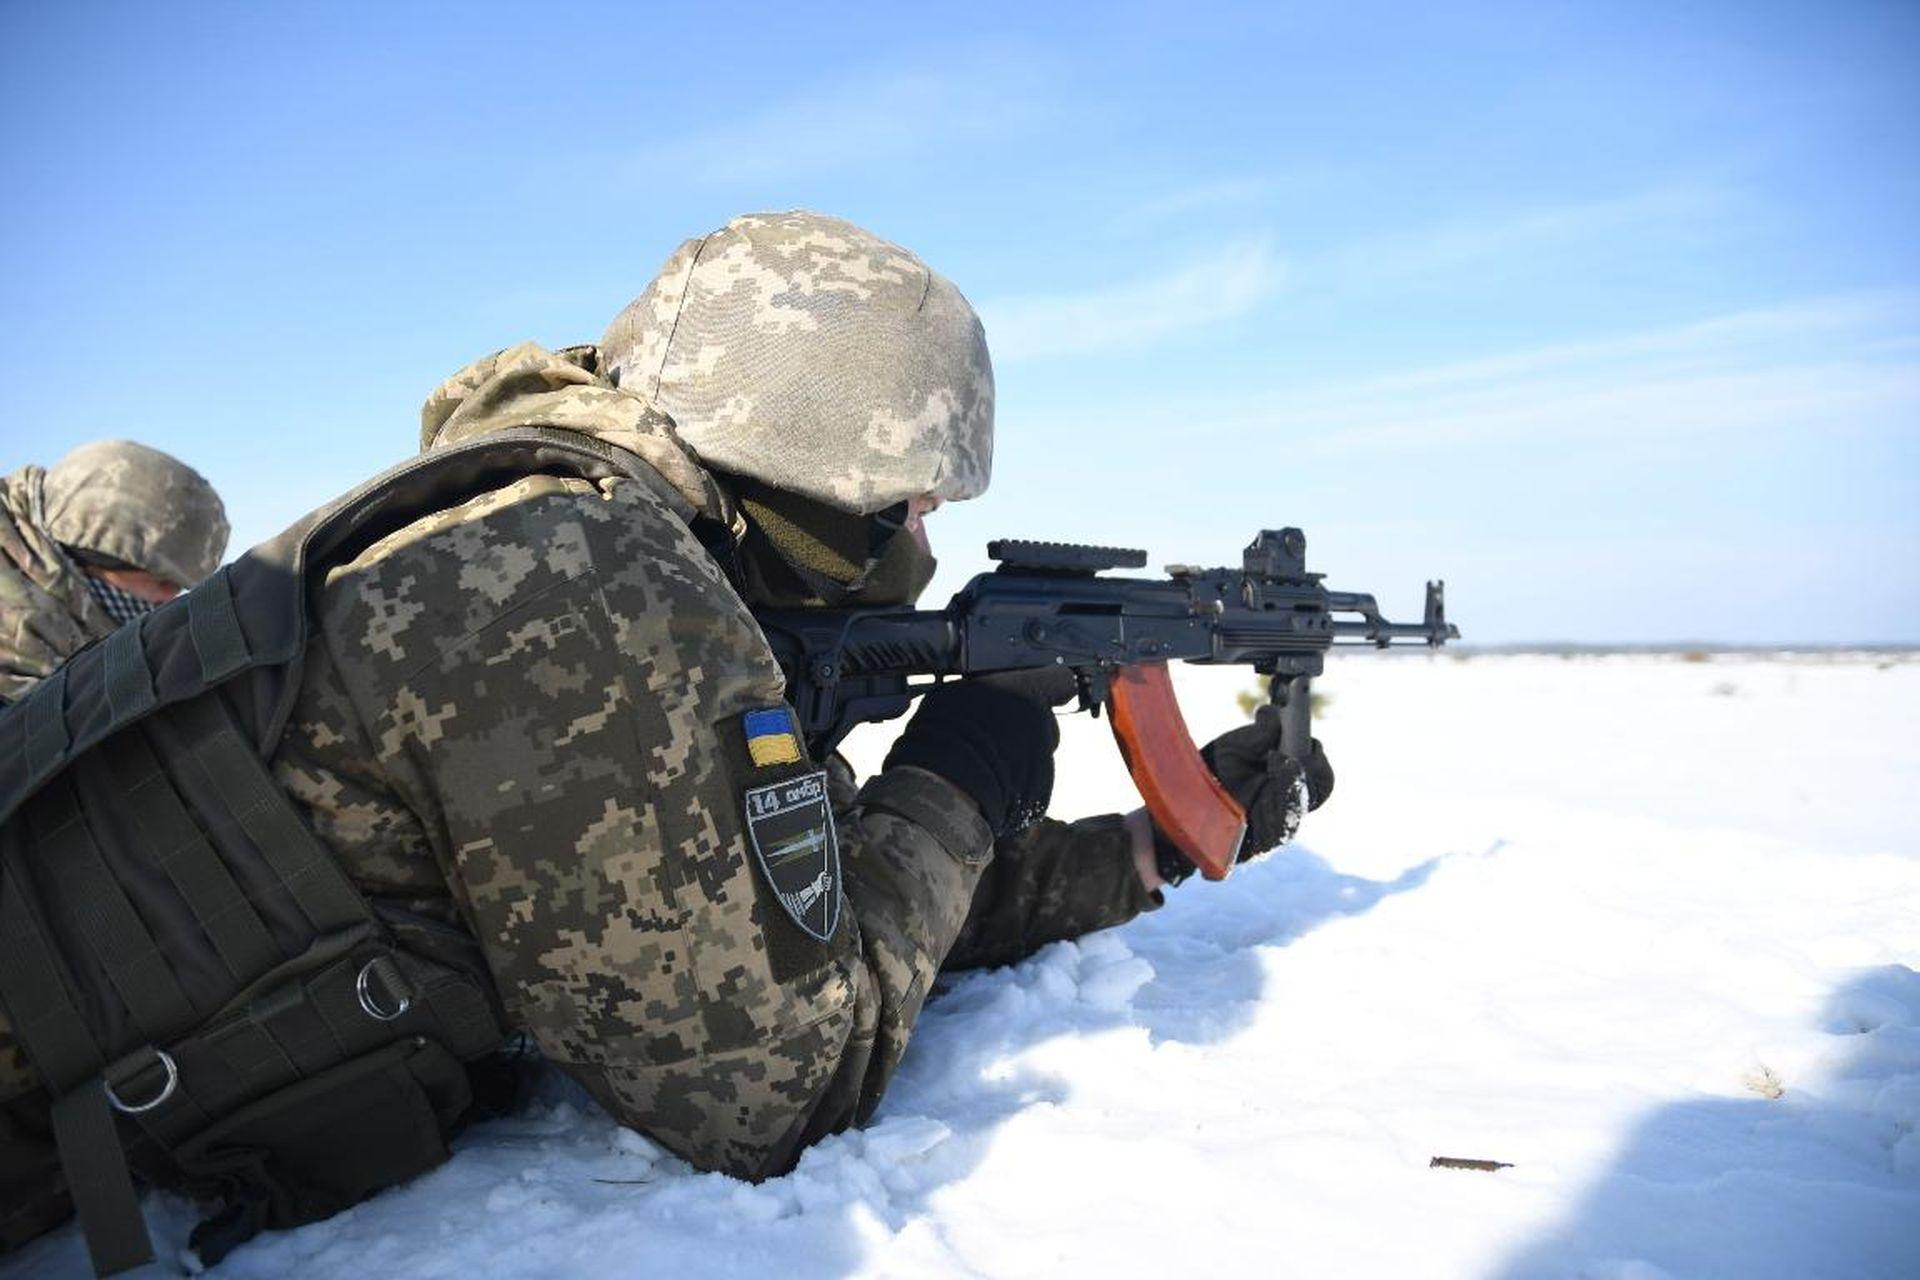 Армія за 7 днів: марксмени для піхоти, катери від США та ультралегкі шоломи